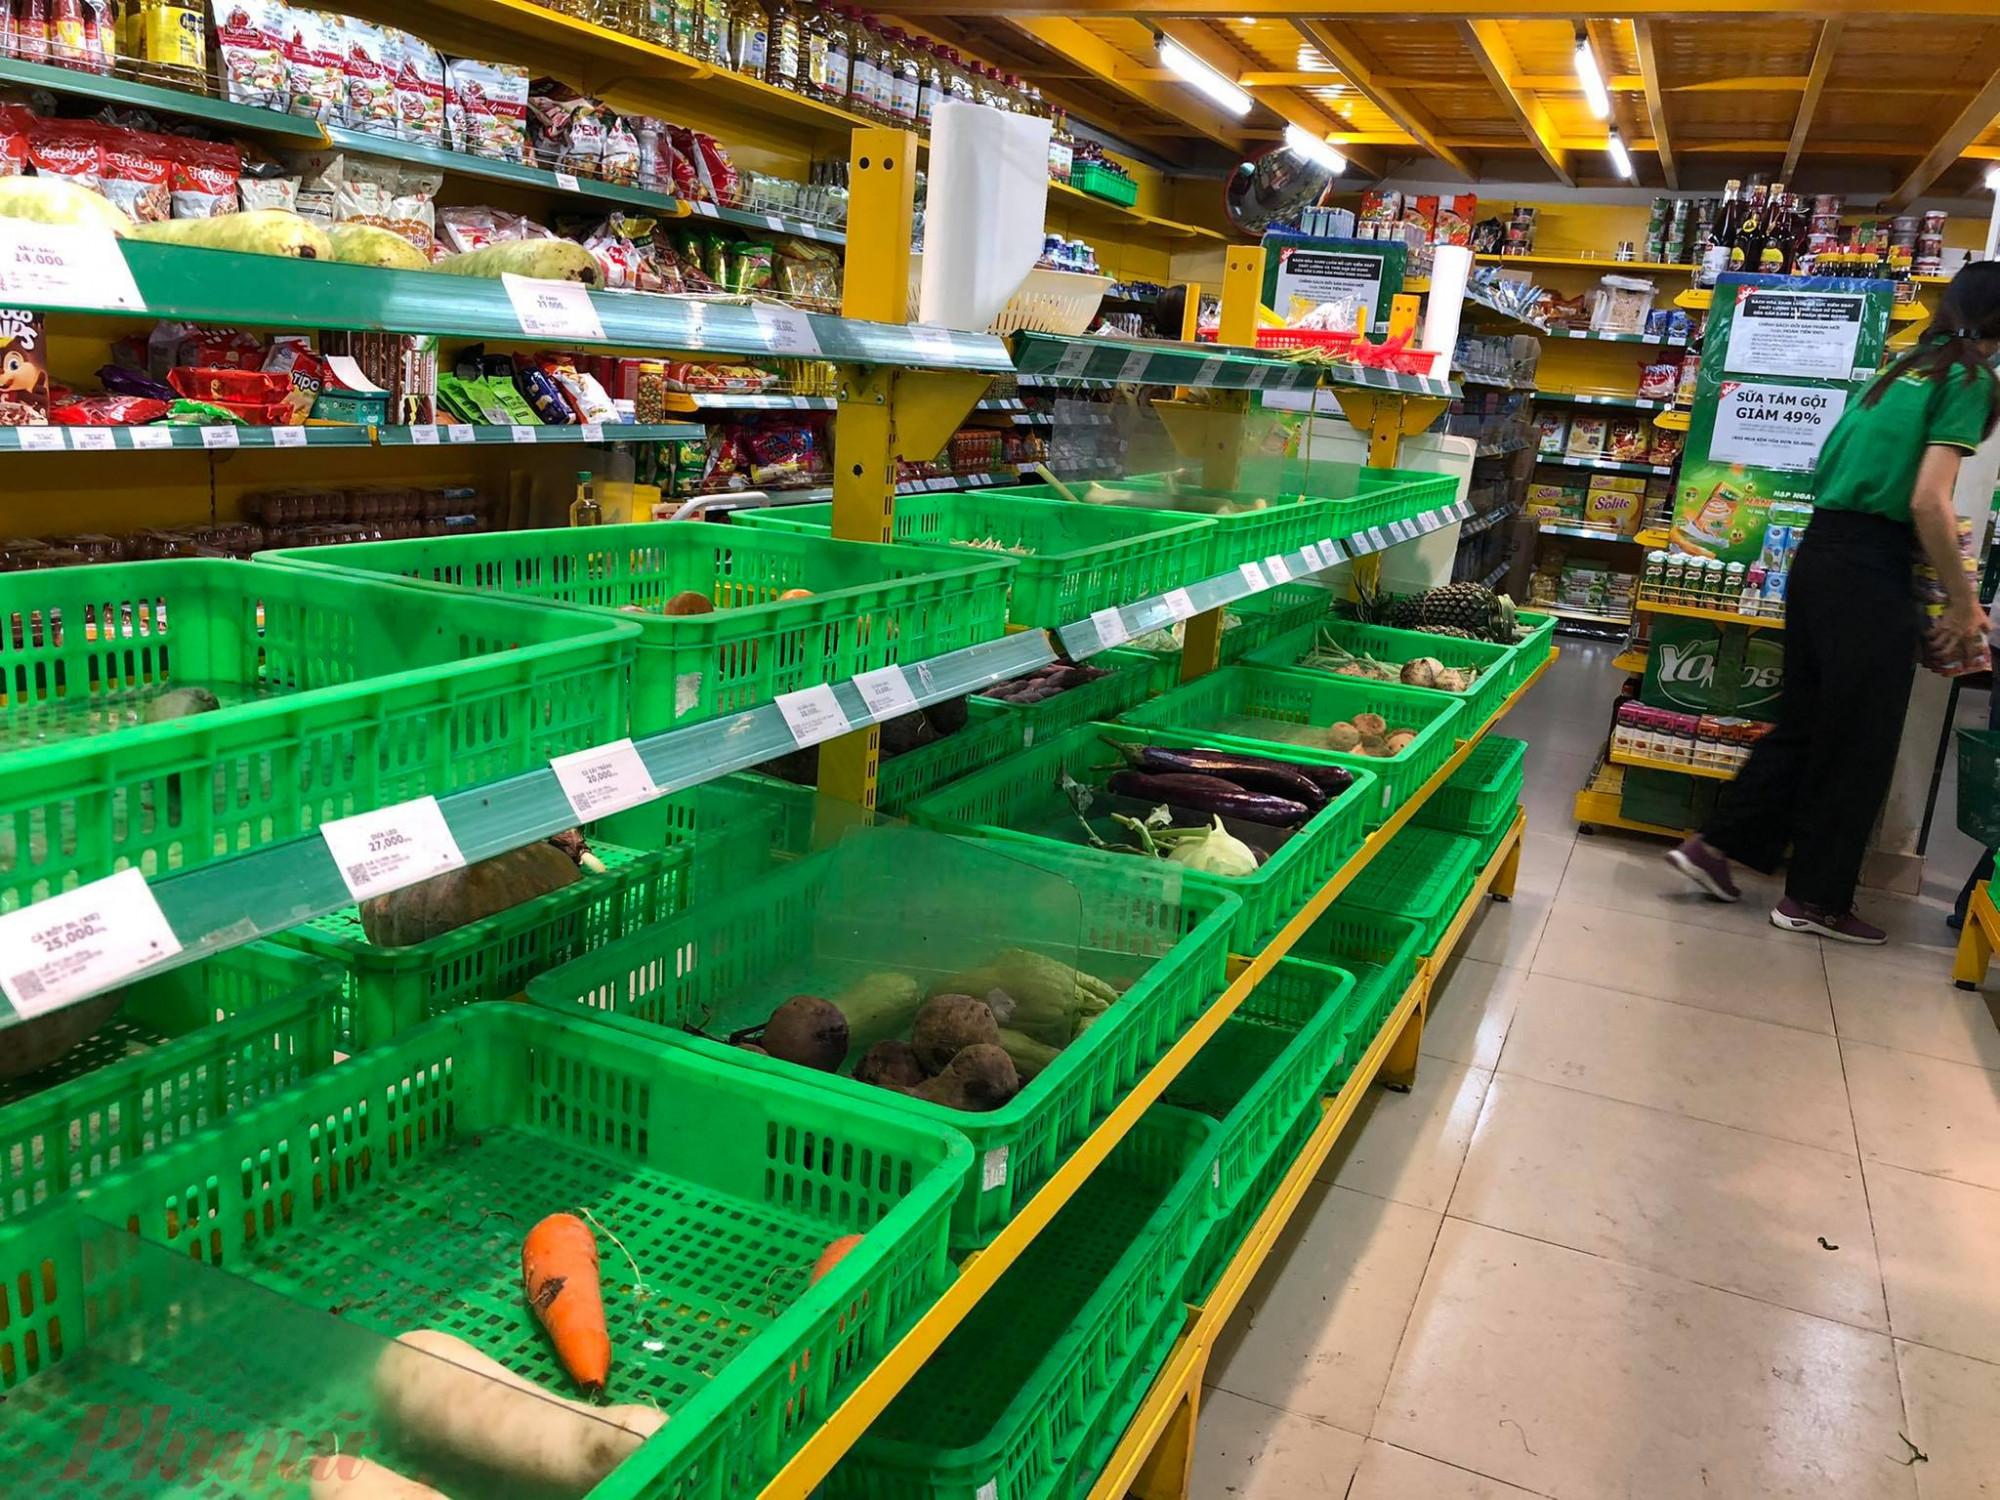 Tại Bách Hóa Xanh, đường Bàu Cát, quận Tân Bình nhiều kệ thực phẩm cũng hết sạch